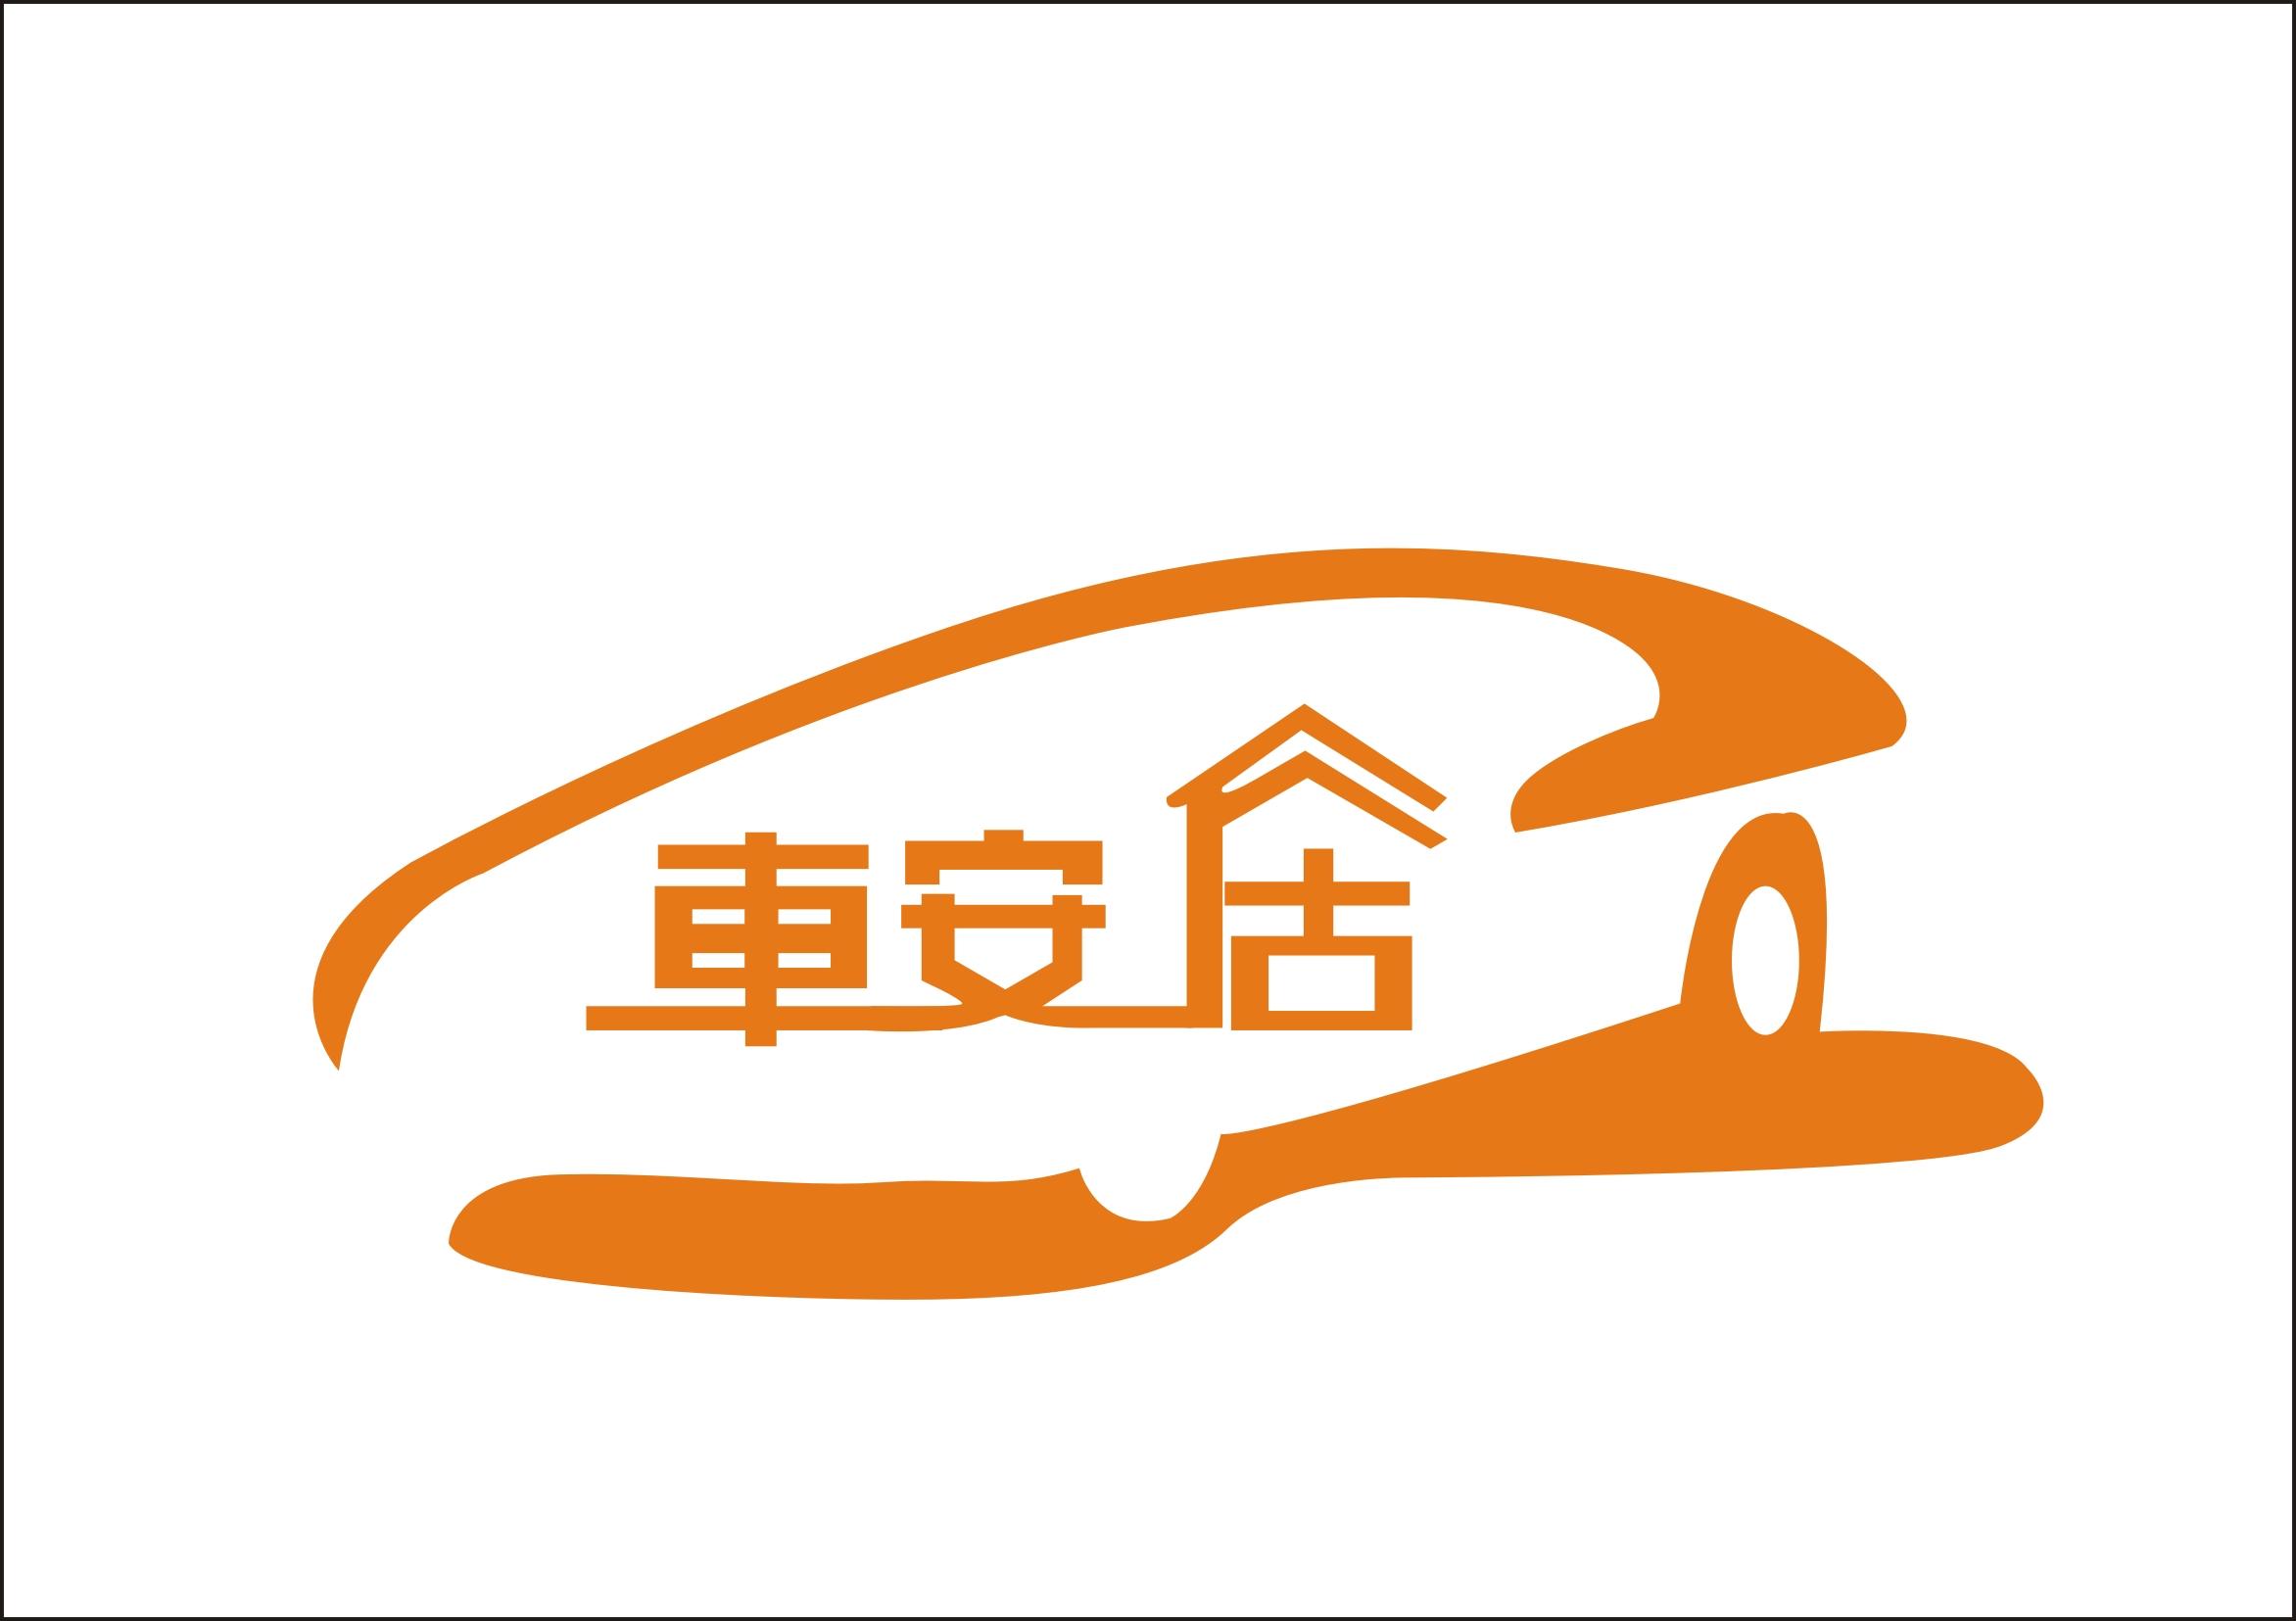 车安居汽车美容养护国际连锁总部成立2007年,是国内较早从事汽车美容养护的专业连锁机构之一,公司注重车安居品牌的经营,引入国际先进的汽车养护理念,提倡知行并重、技能为本、全面发展的现代培训理念,为社会贡献大批高级汽车美容养护专业人才。加盟车安居,总部将提供品牌、技术、经营模式、人员培训、广告宣传等一系列的支持,解决加盟商一切后顾之忧,武汉车益驰汽车服务管理有限公司,欢迎您的加盟! 联系我时请说明是在连云港在线看到的 同城交易请当面进行,以免造成损失。外地交易信息或者超低价商品请慎重,谨防上当受骗。